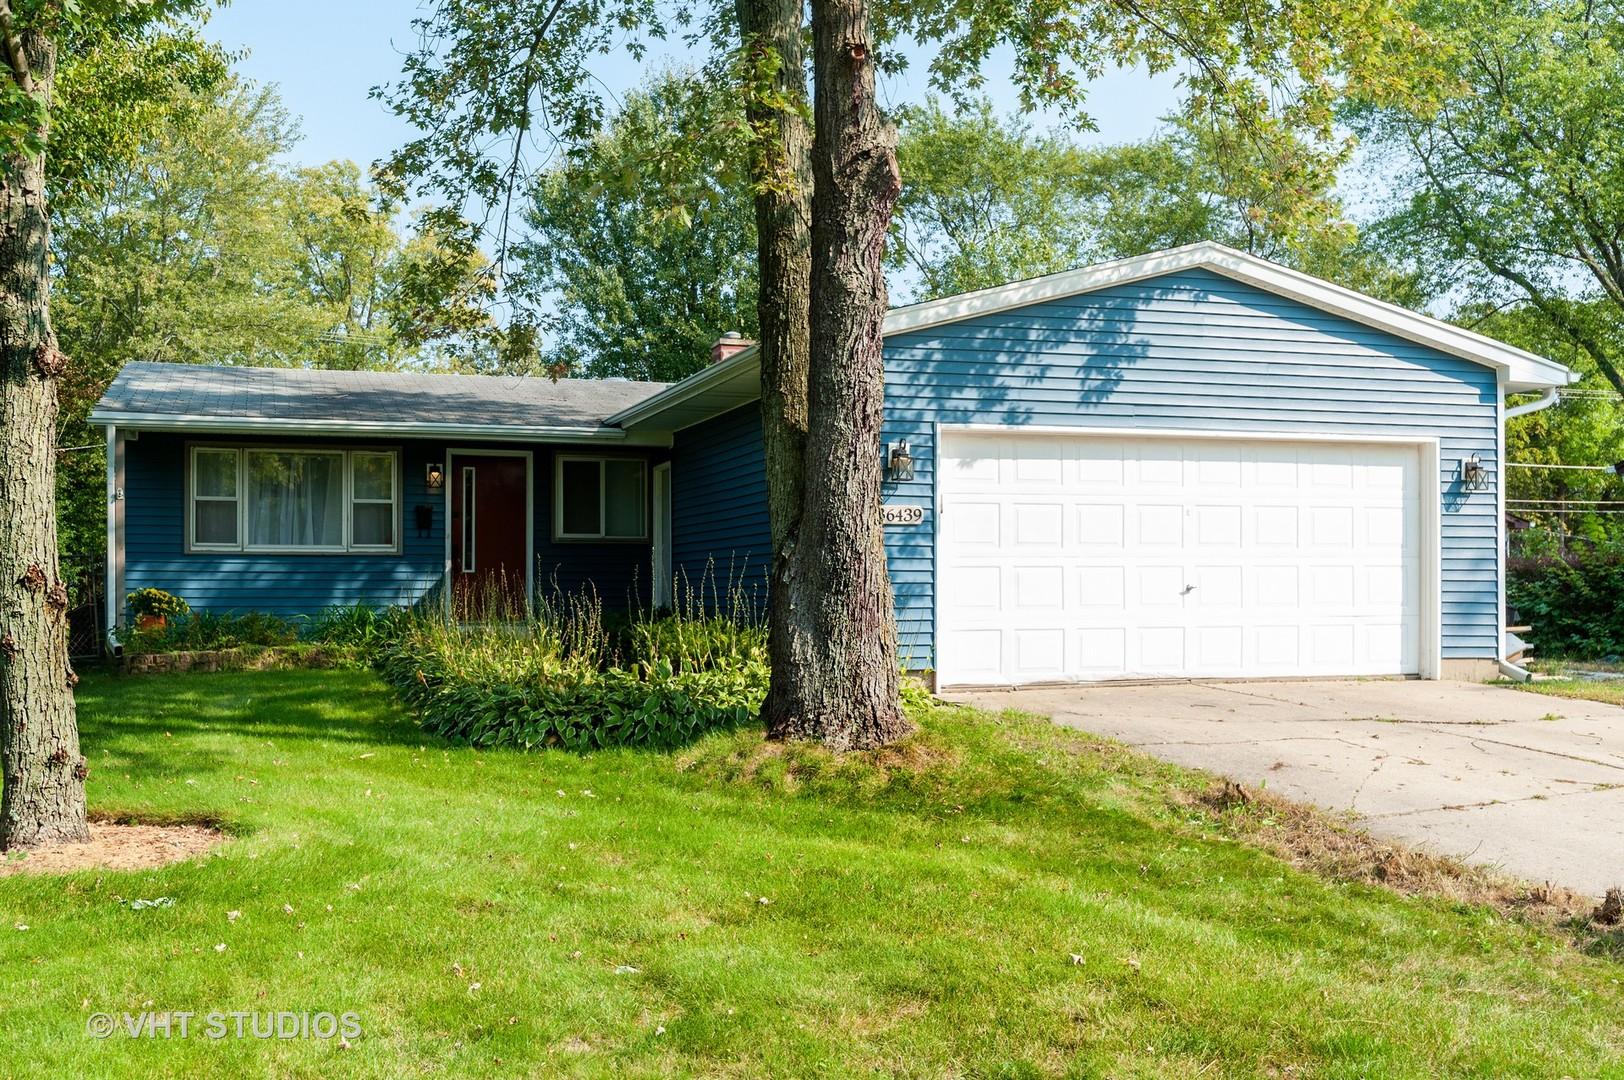 36439 N Douglas Terrace, Gurnee IL 60031